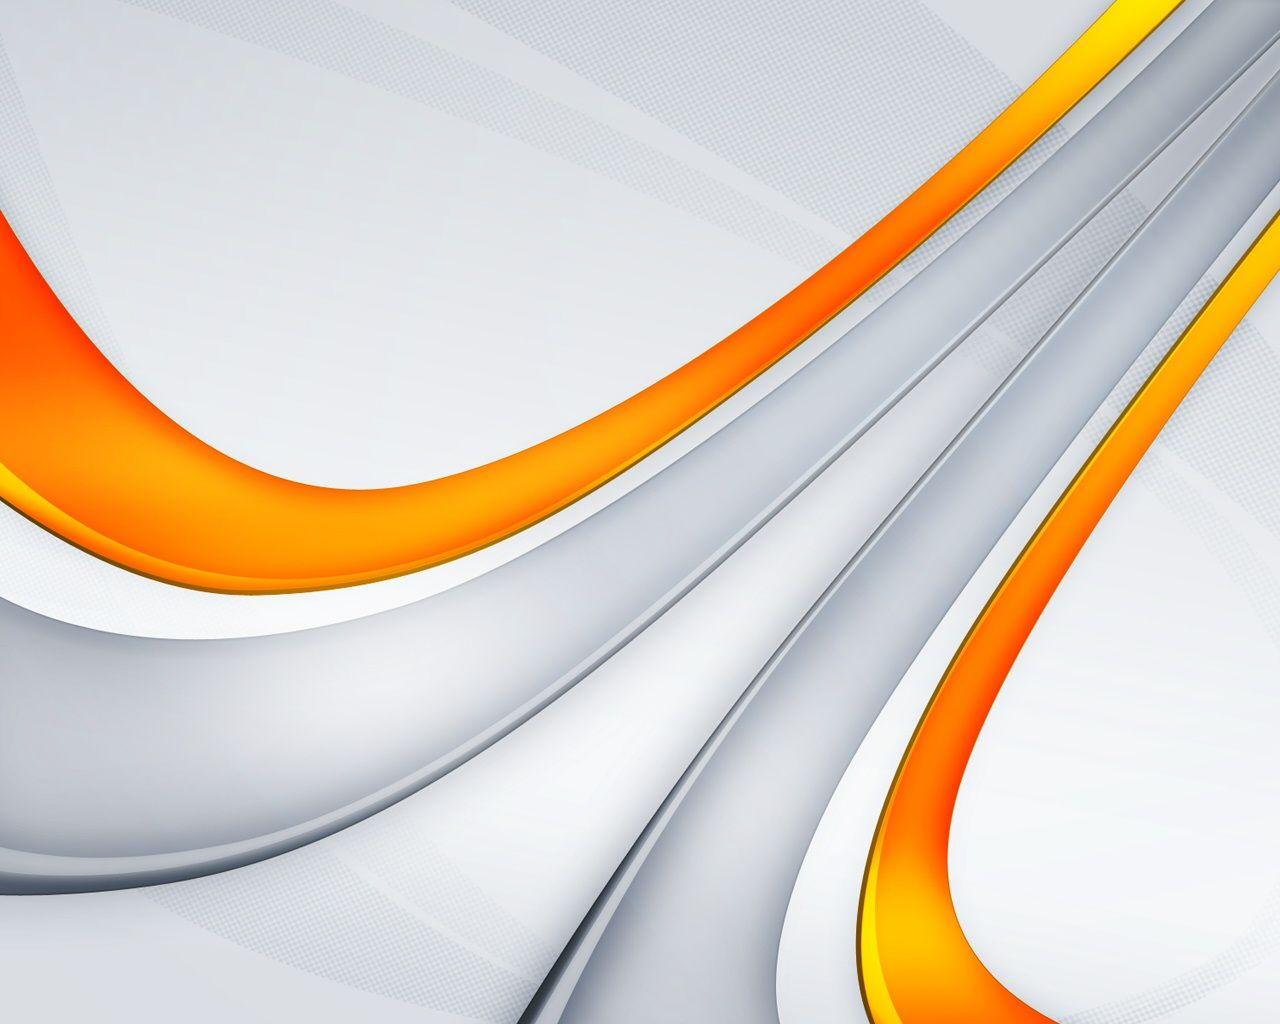 Creative Abstract Desktop Wallpaper Designs (Dengan gambar